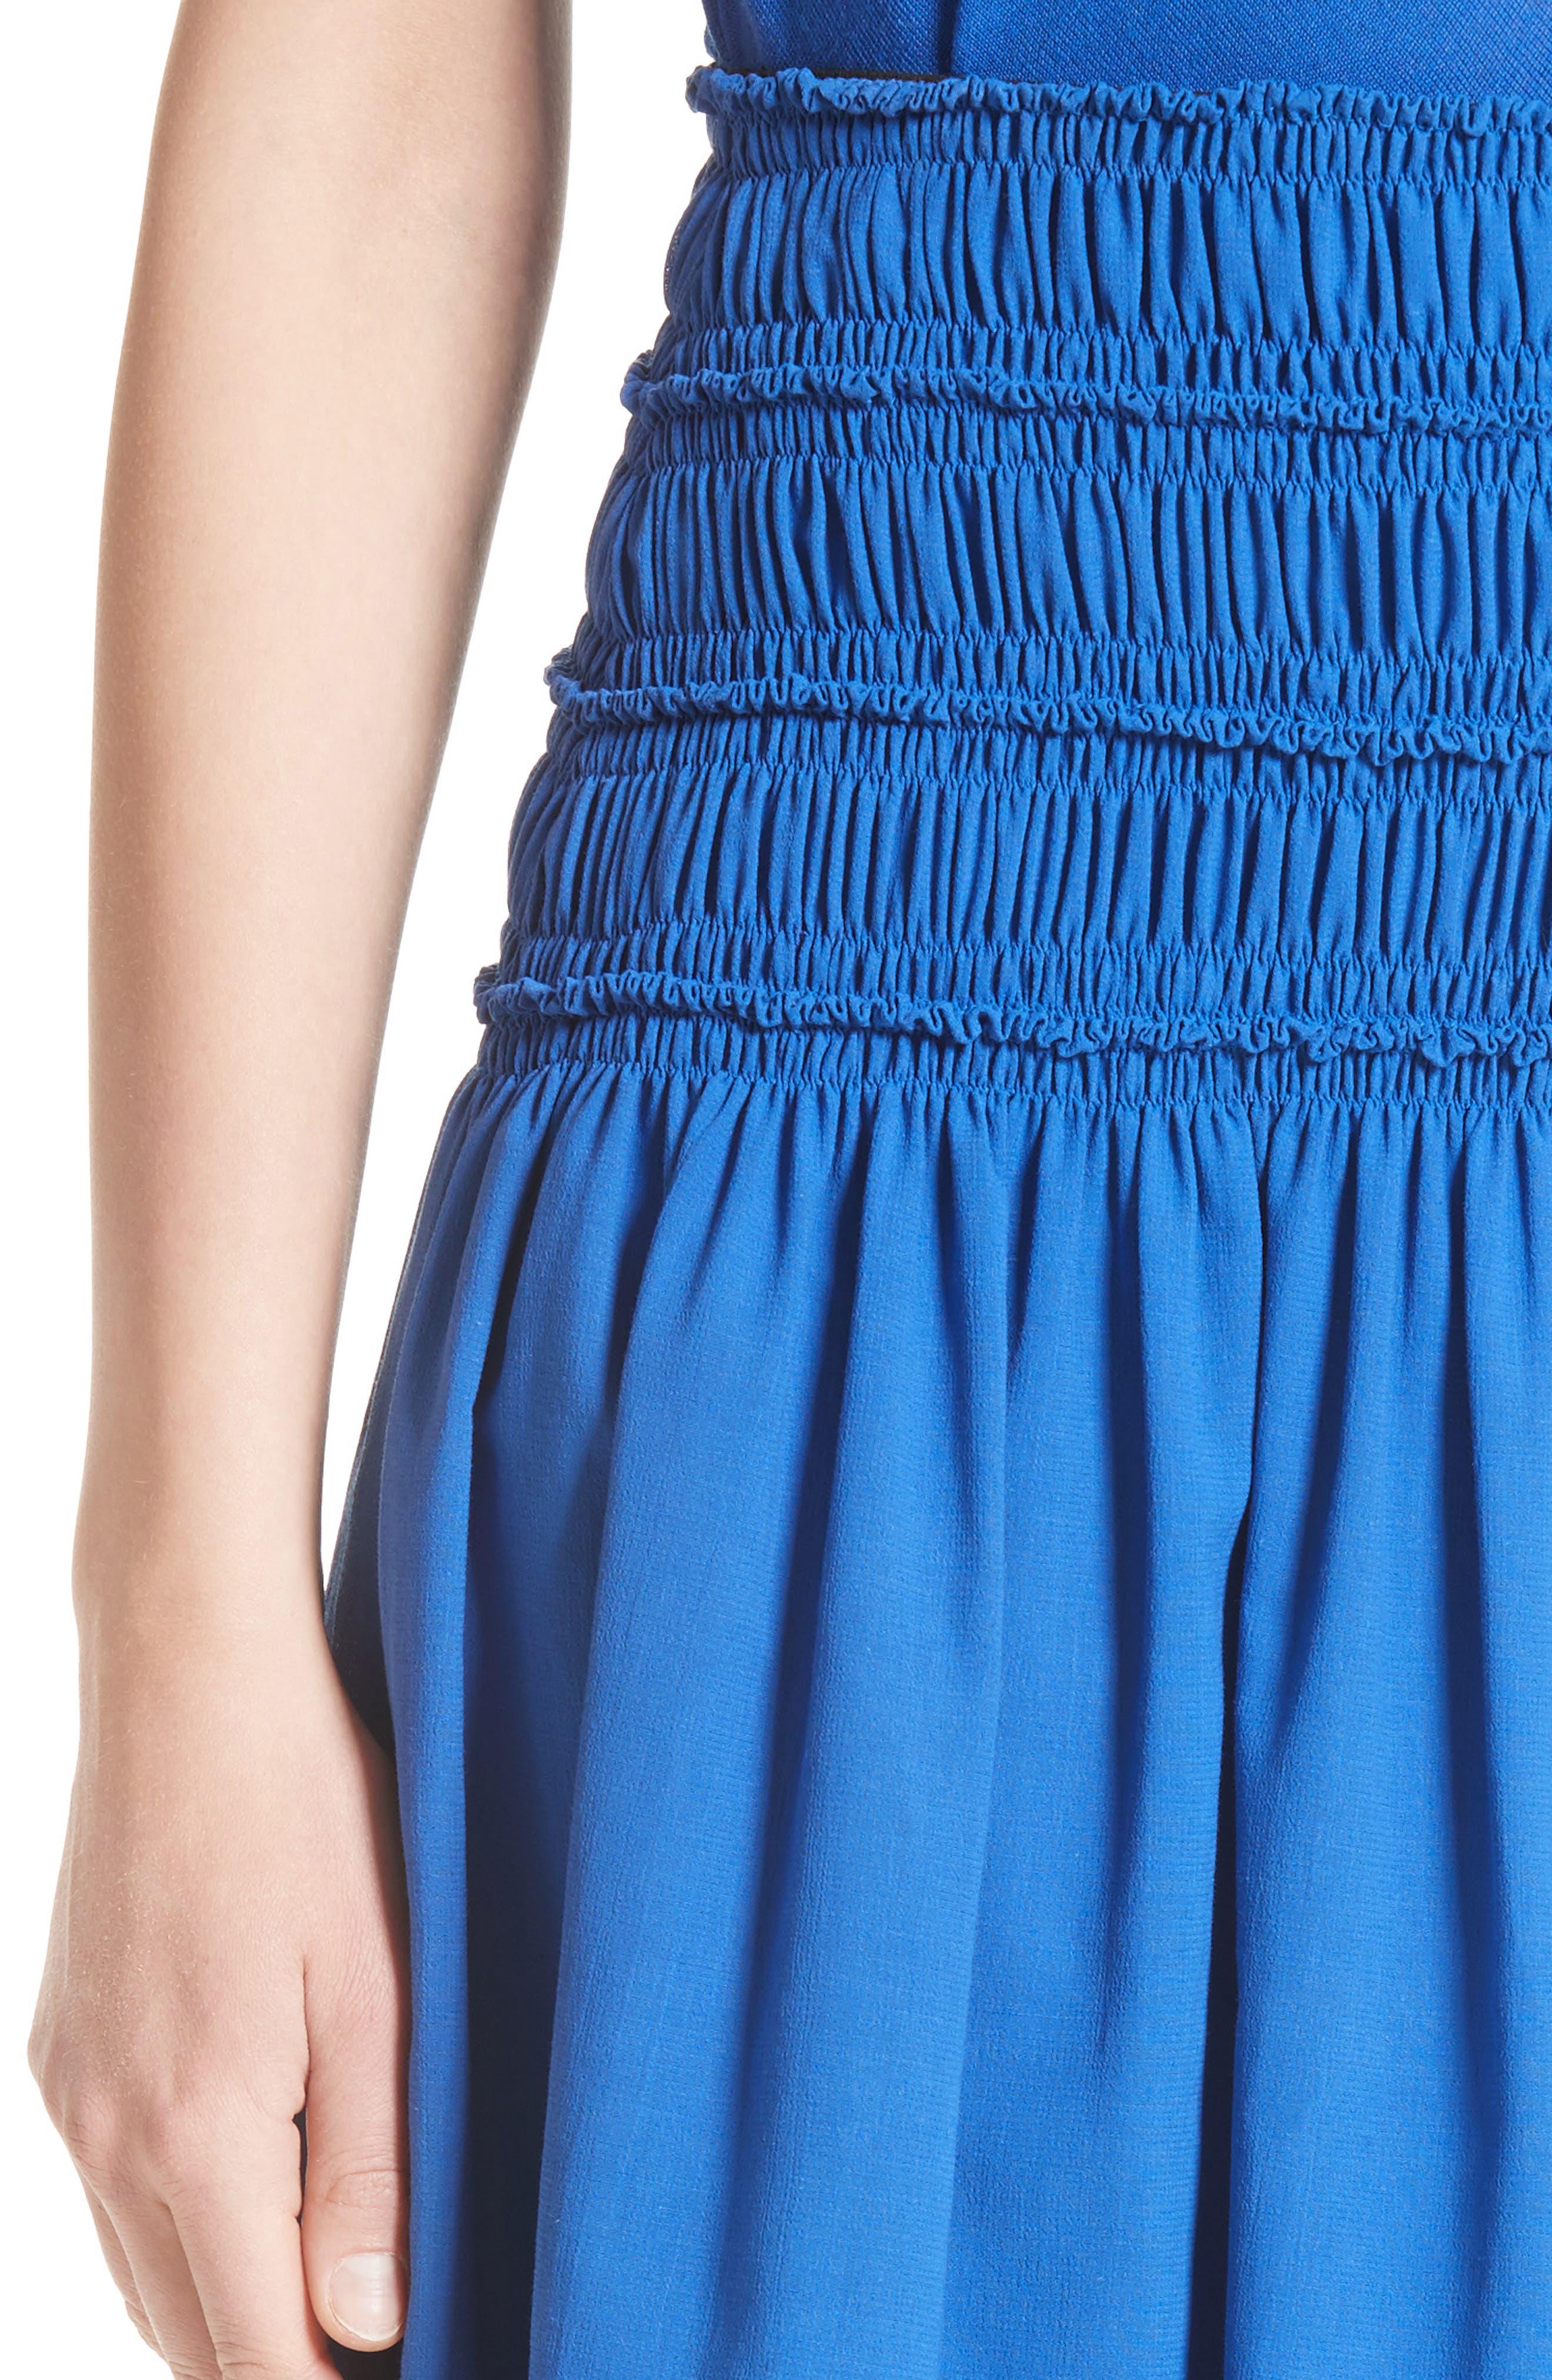 Akris Smocked Ruffle Skirt,                             Alternate thumbnail 6, color,                             Blue